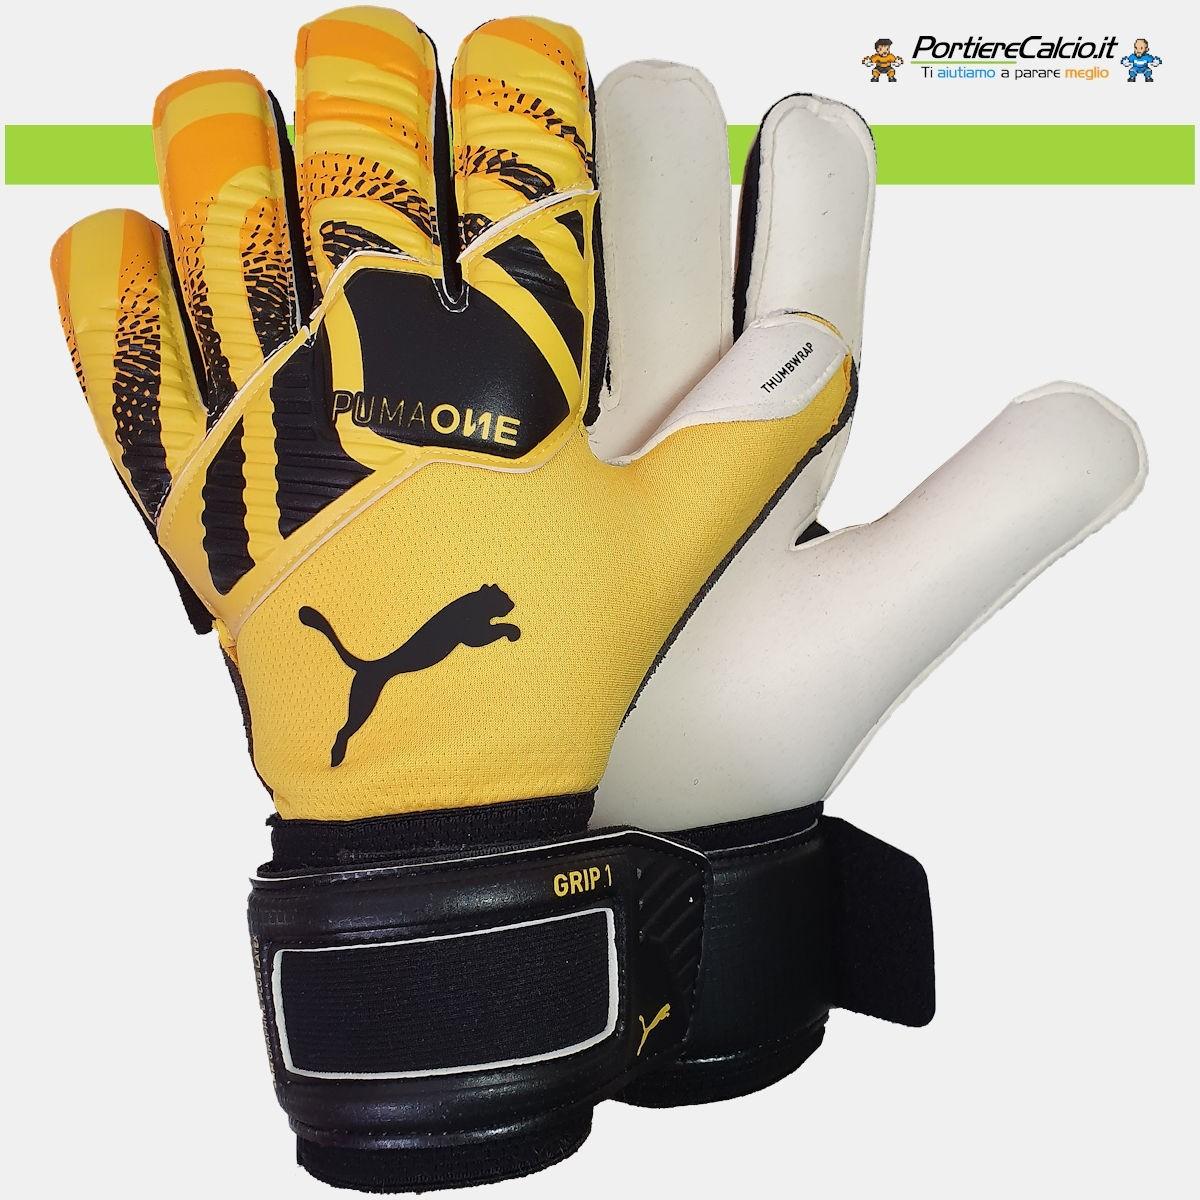 Buffon usa i guanti Puma One Grip 1